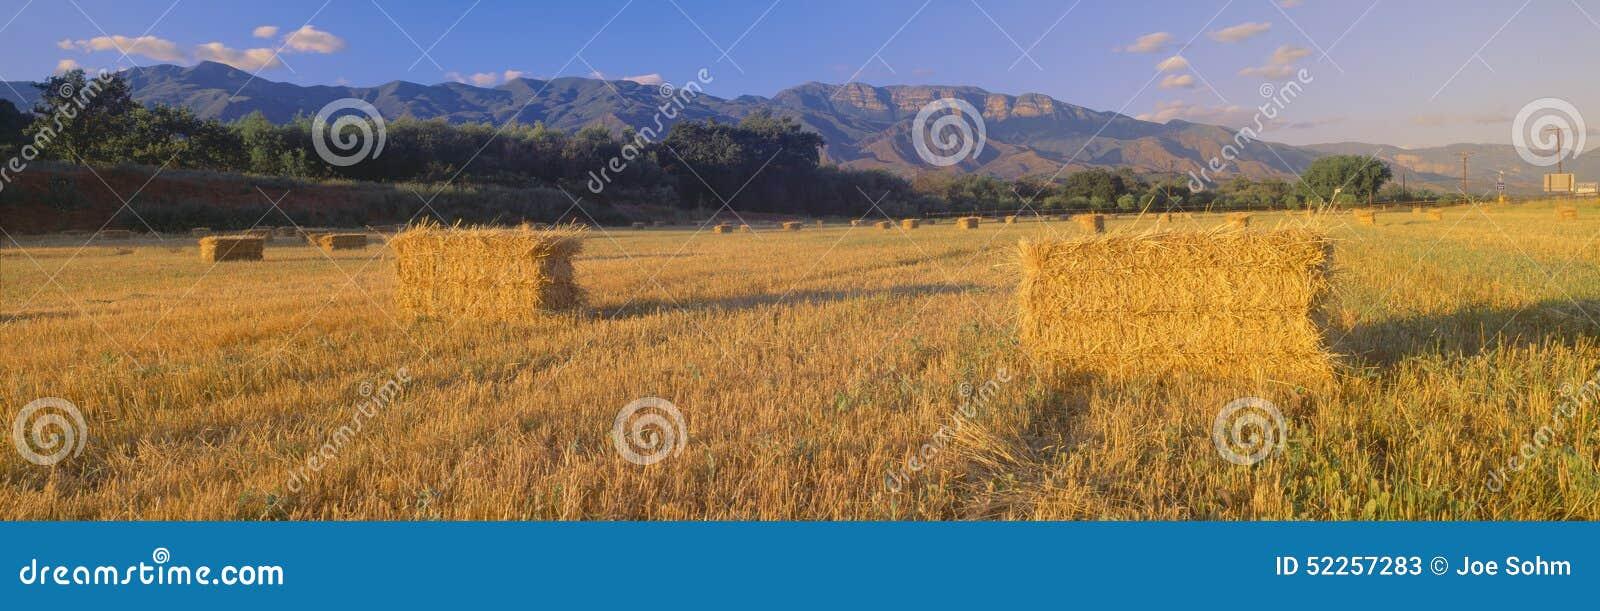 Hayfields w Górnej Ojai dolinie, Kalifornia